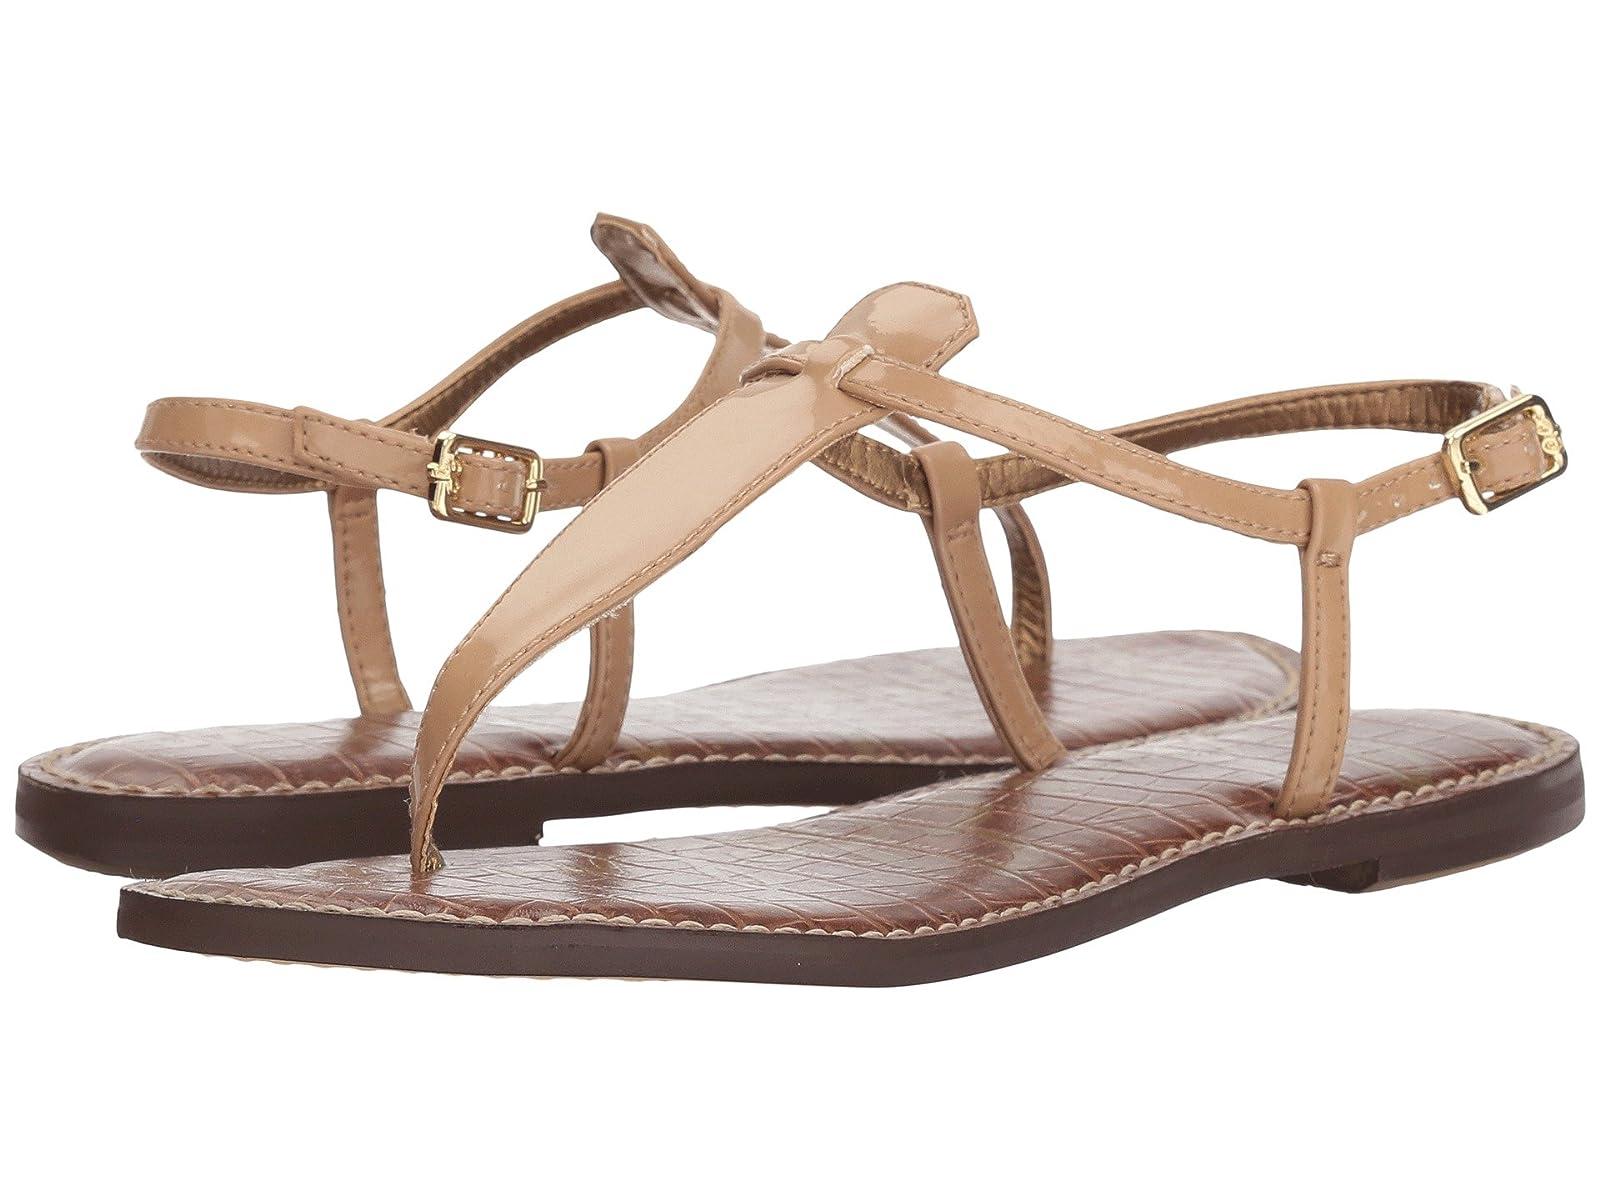 Sam Edelman GigiAtmospheric grades have affordable shoes